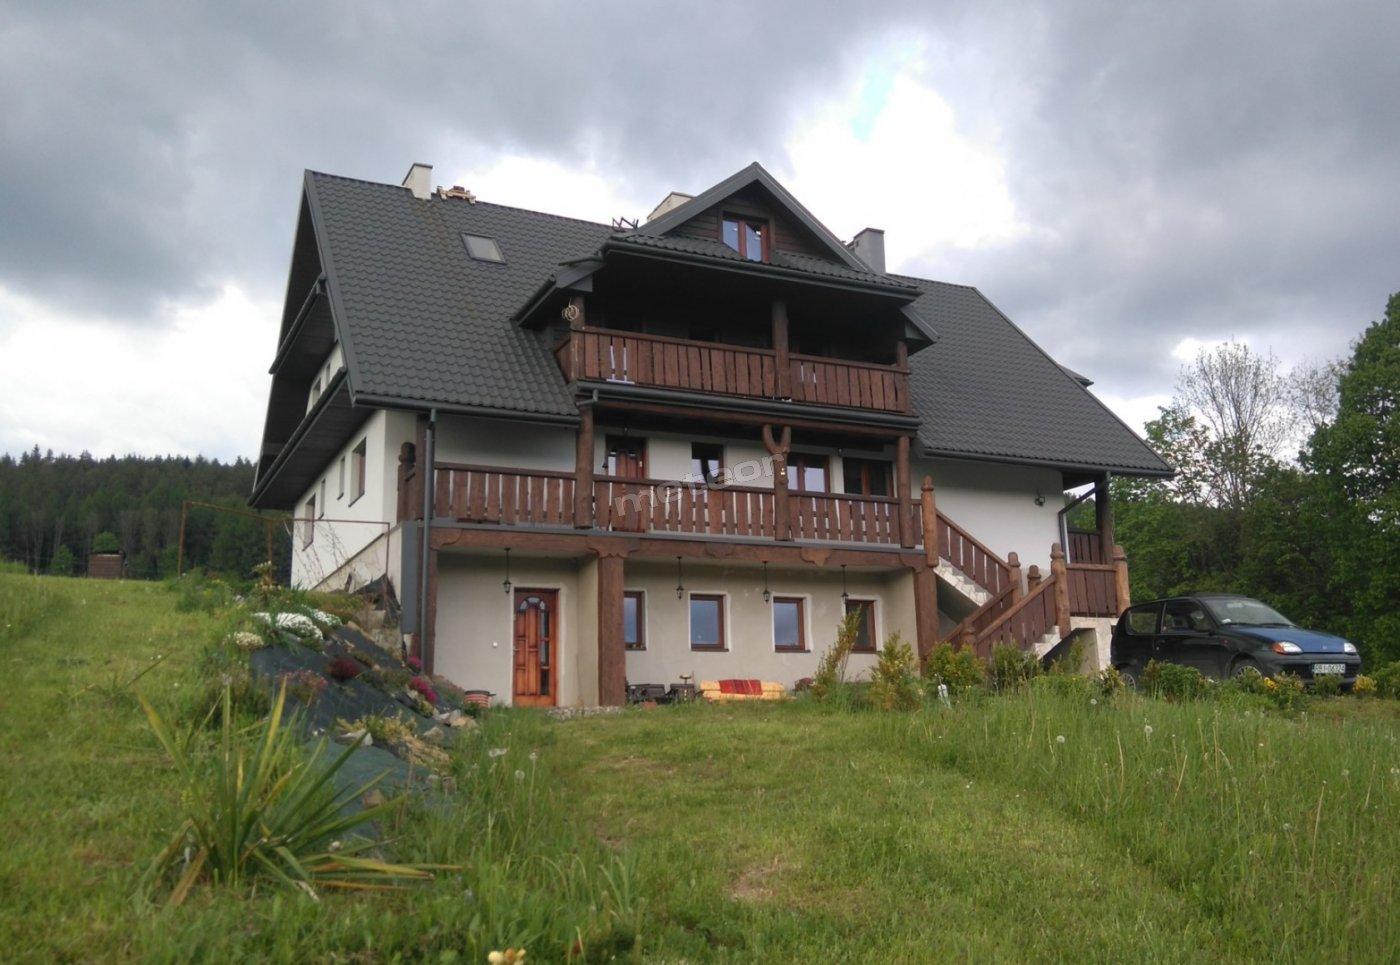 Dom Na Skale